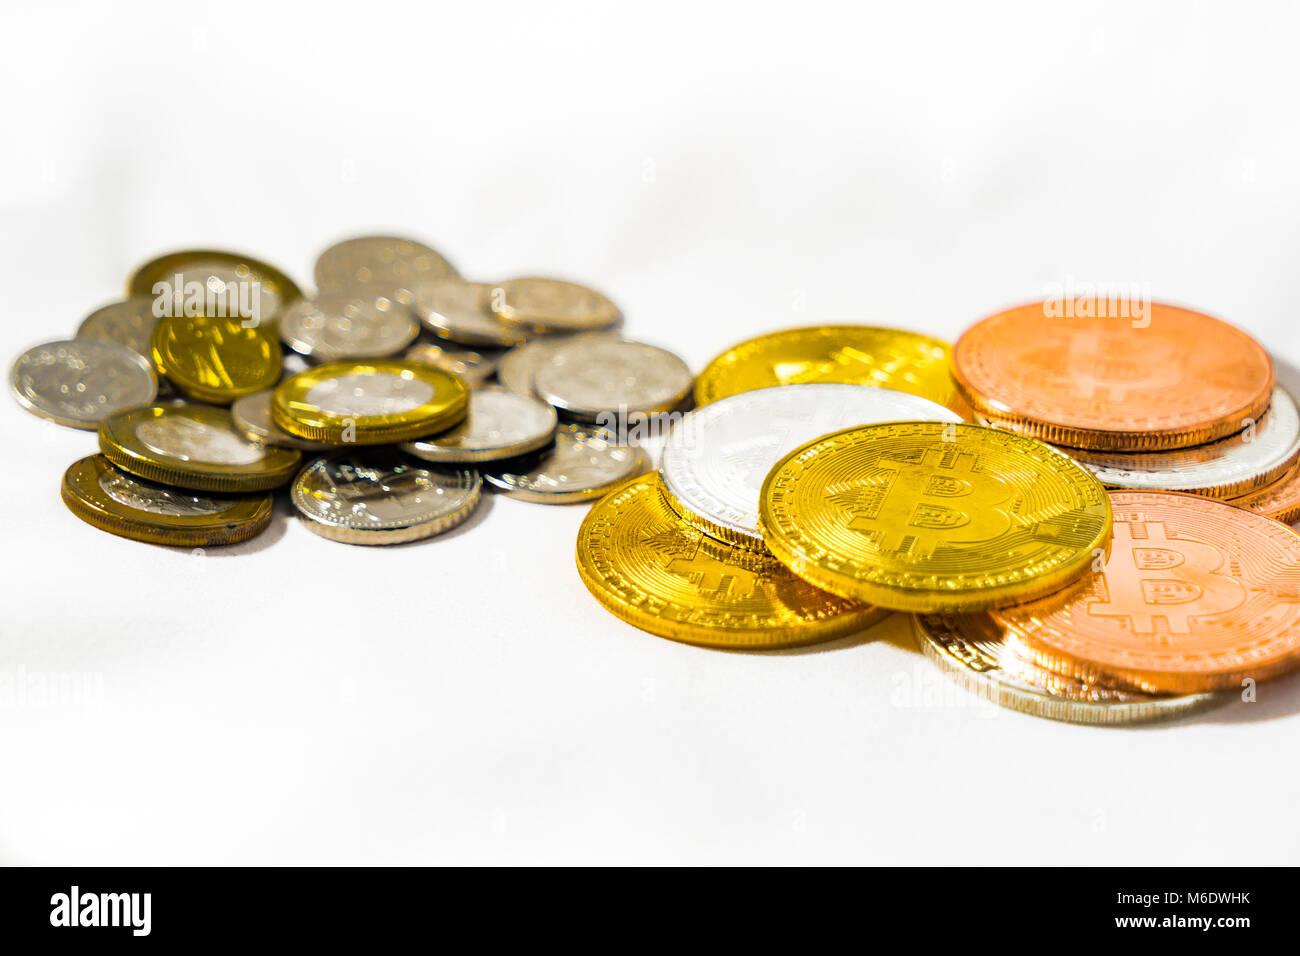 Singapur Dollar Münzen Und Bitcoin Cryptocurrency Münzen Auf Weißem